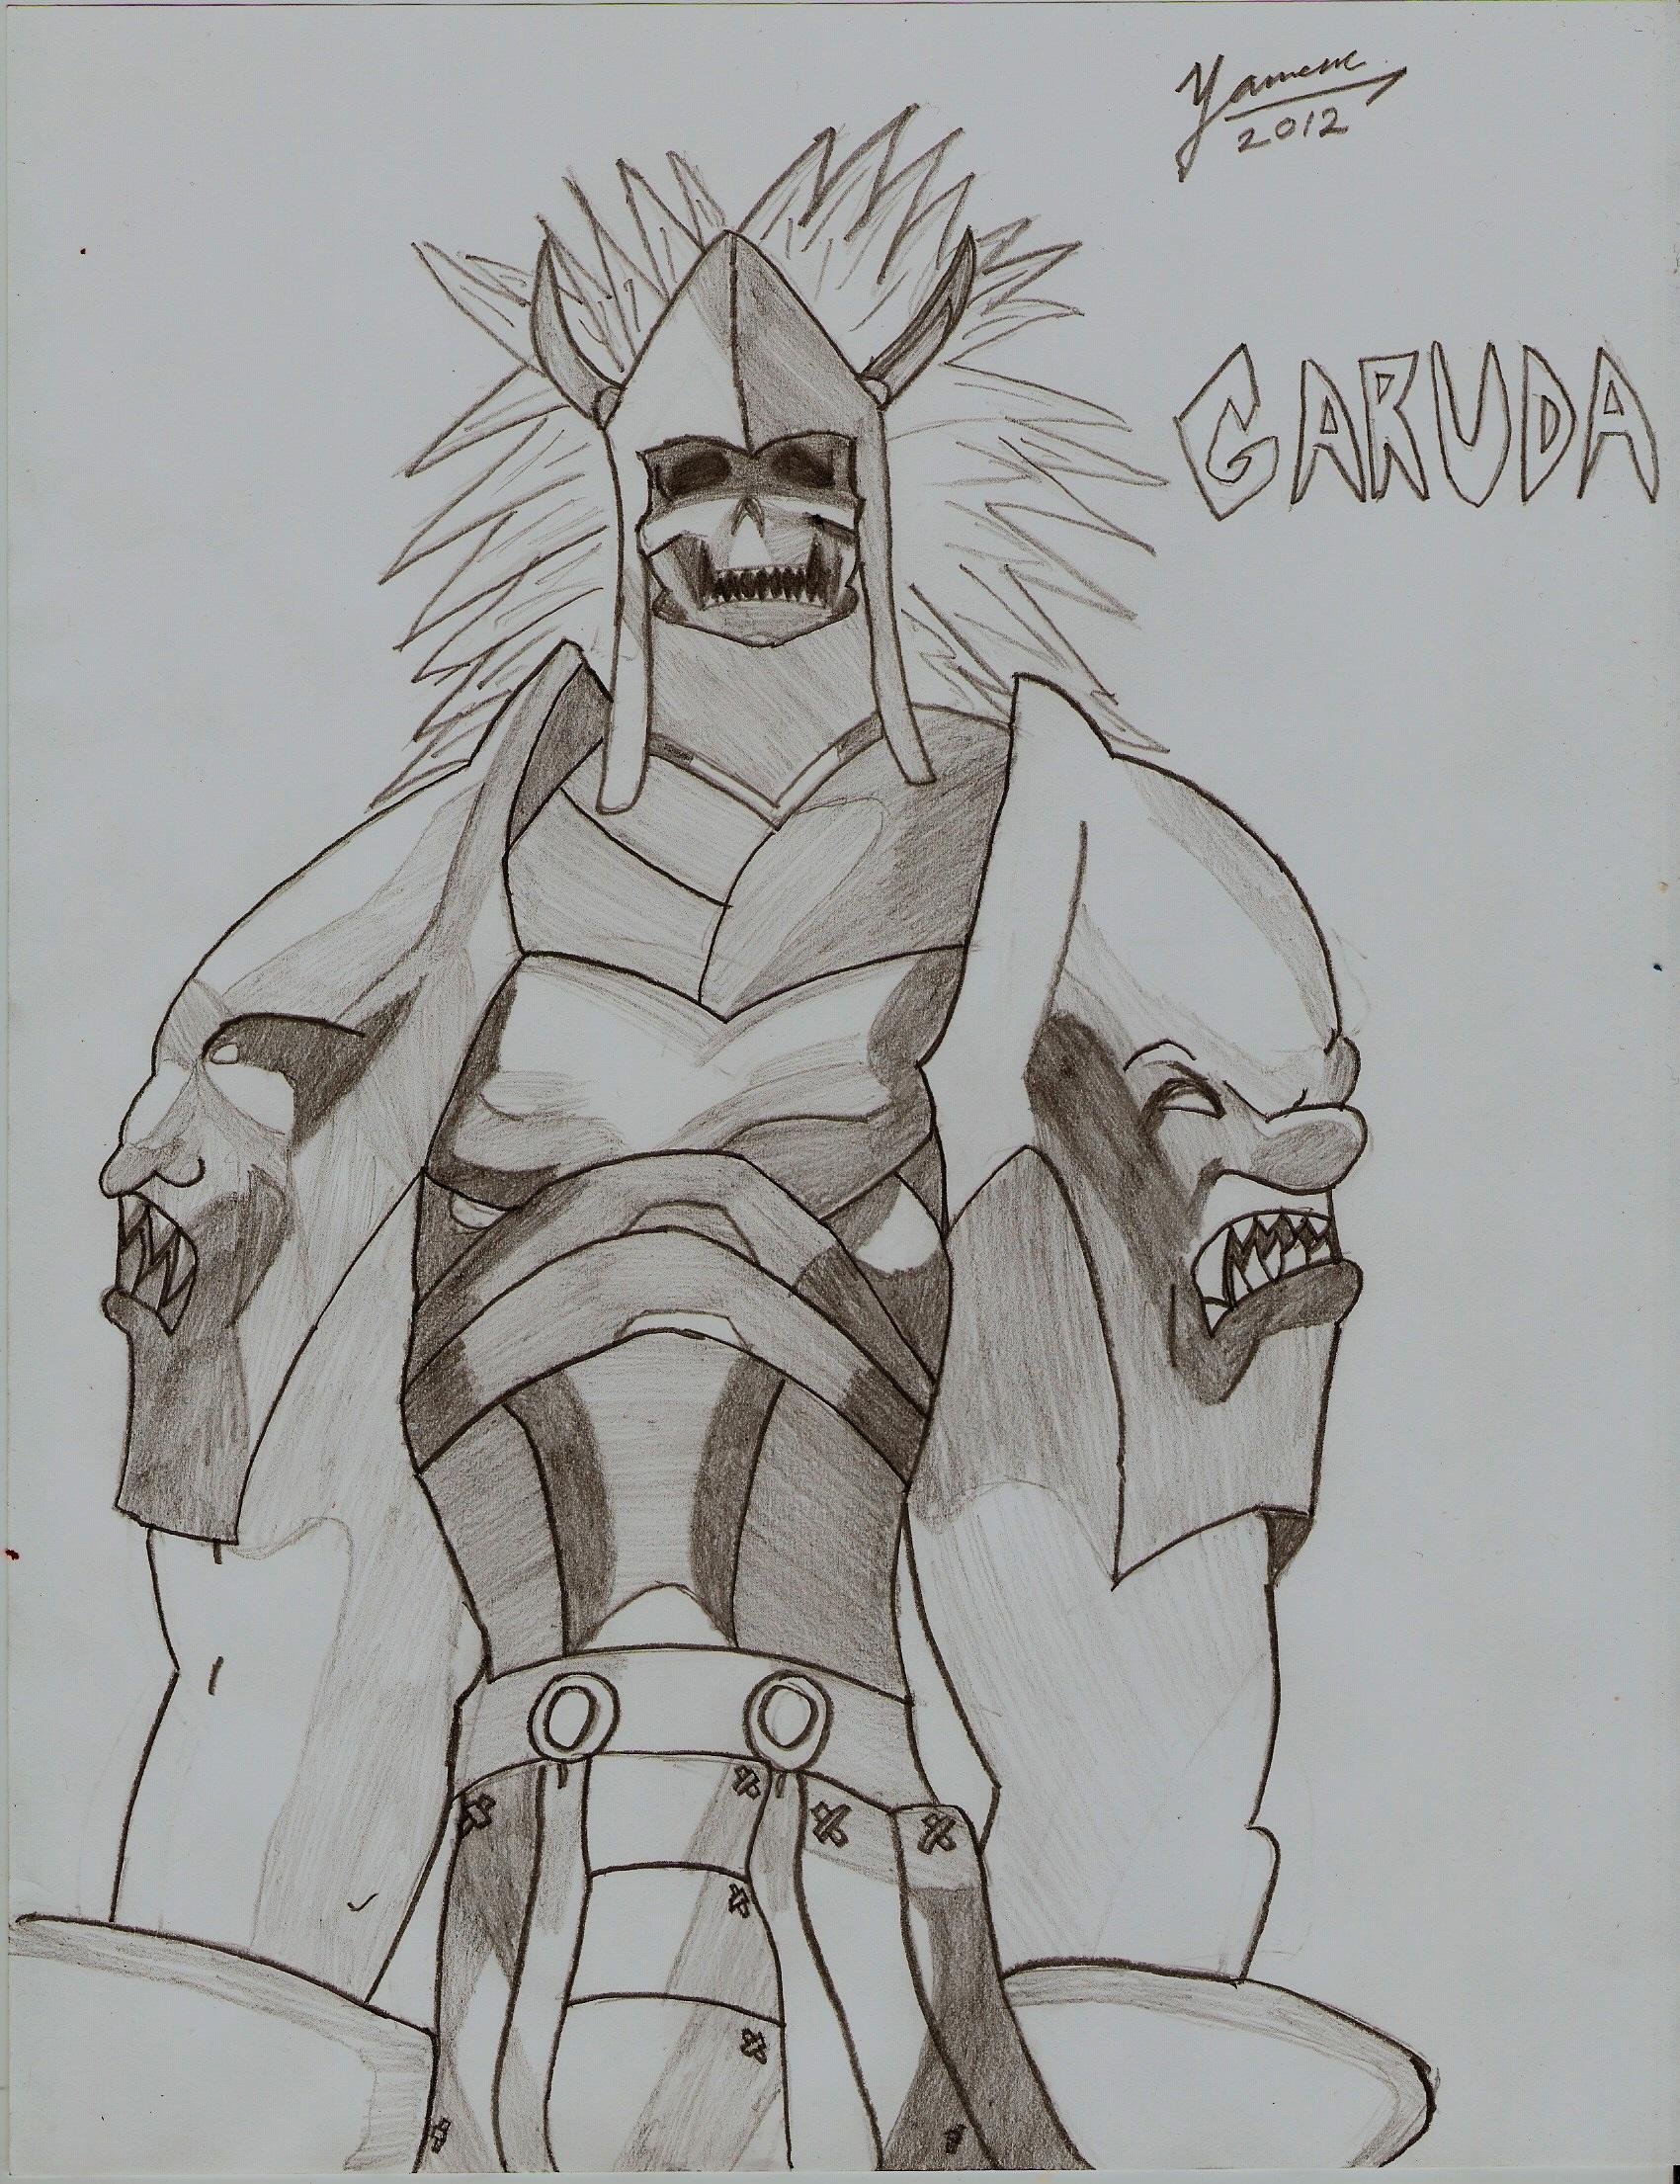 Garuda Pencil Sketch